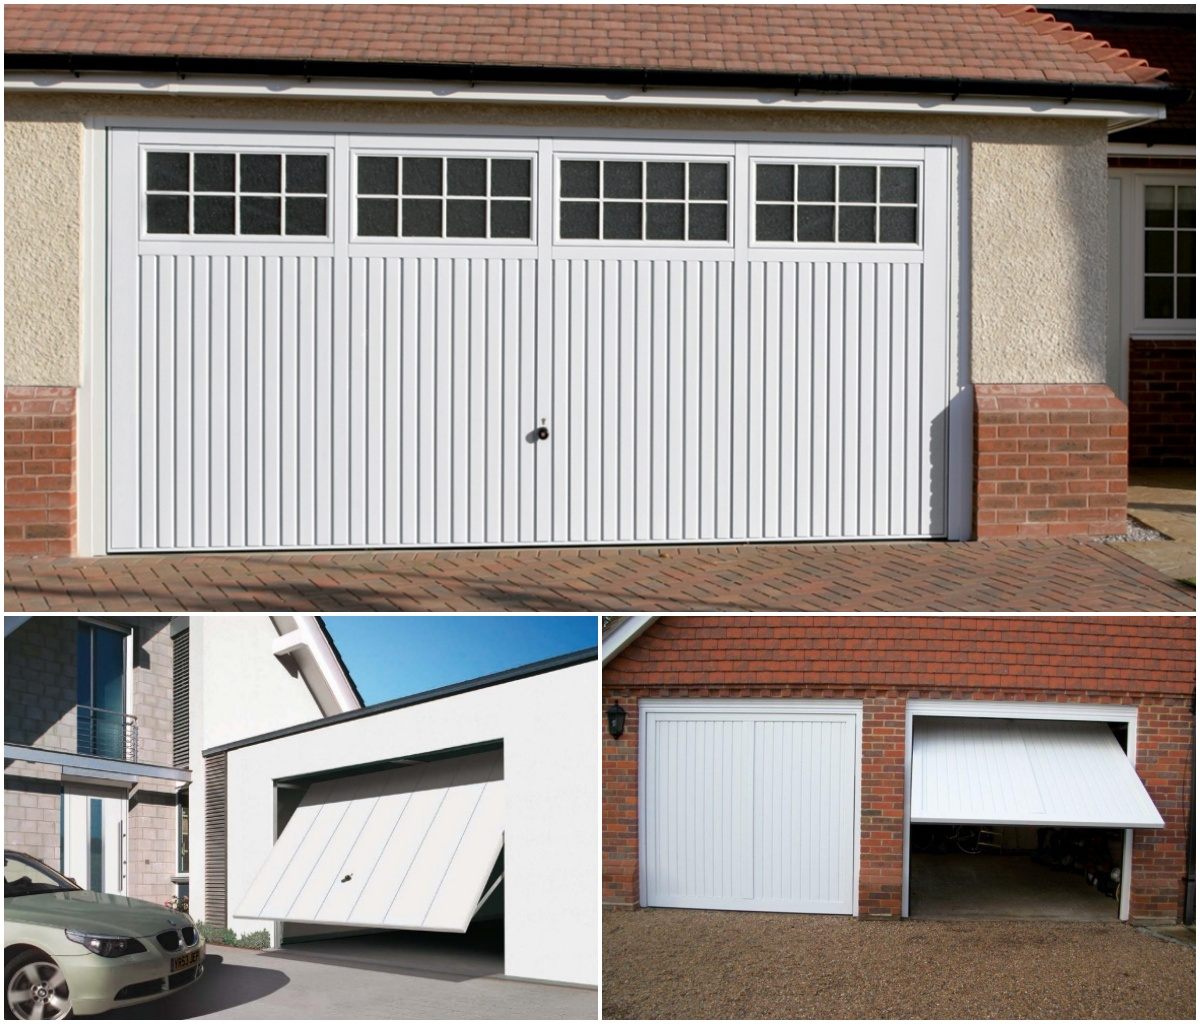 3 Up and over garage door examples